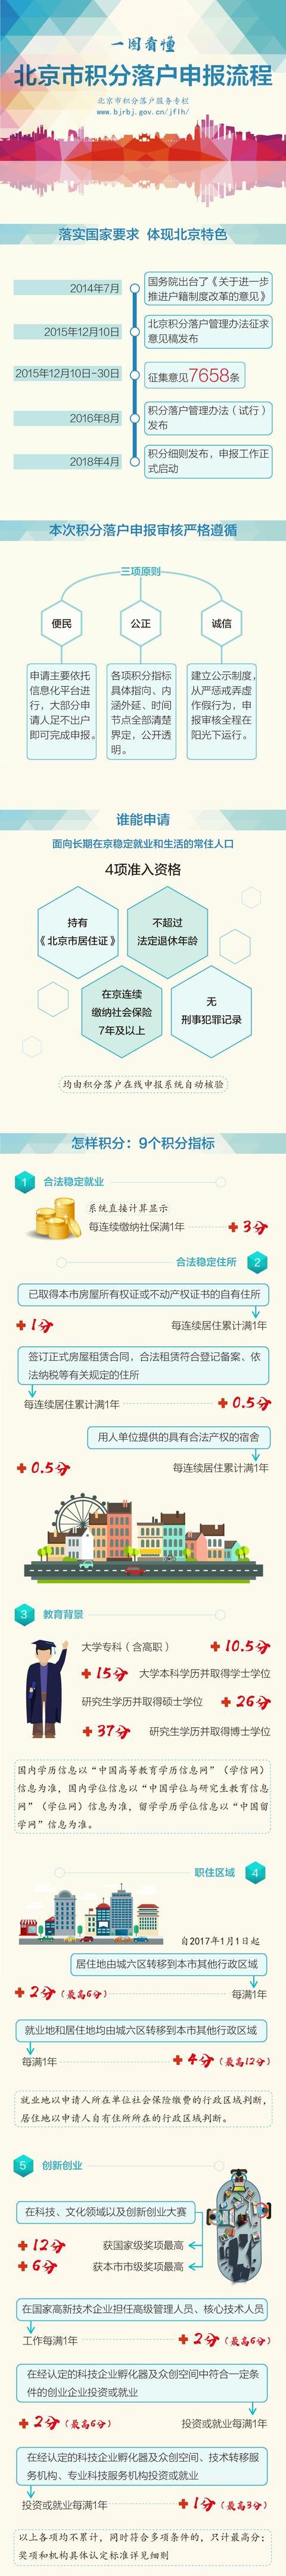 北京积分落户细则出台!4个资格条件缺一不可!一图读懂申报流程